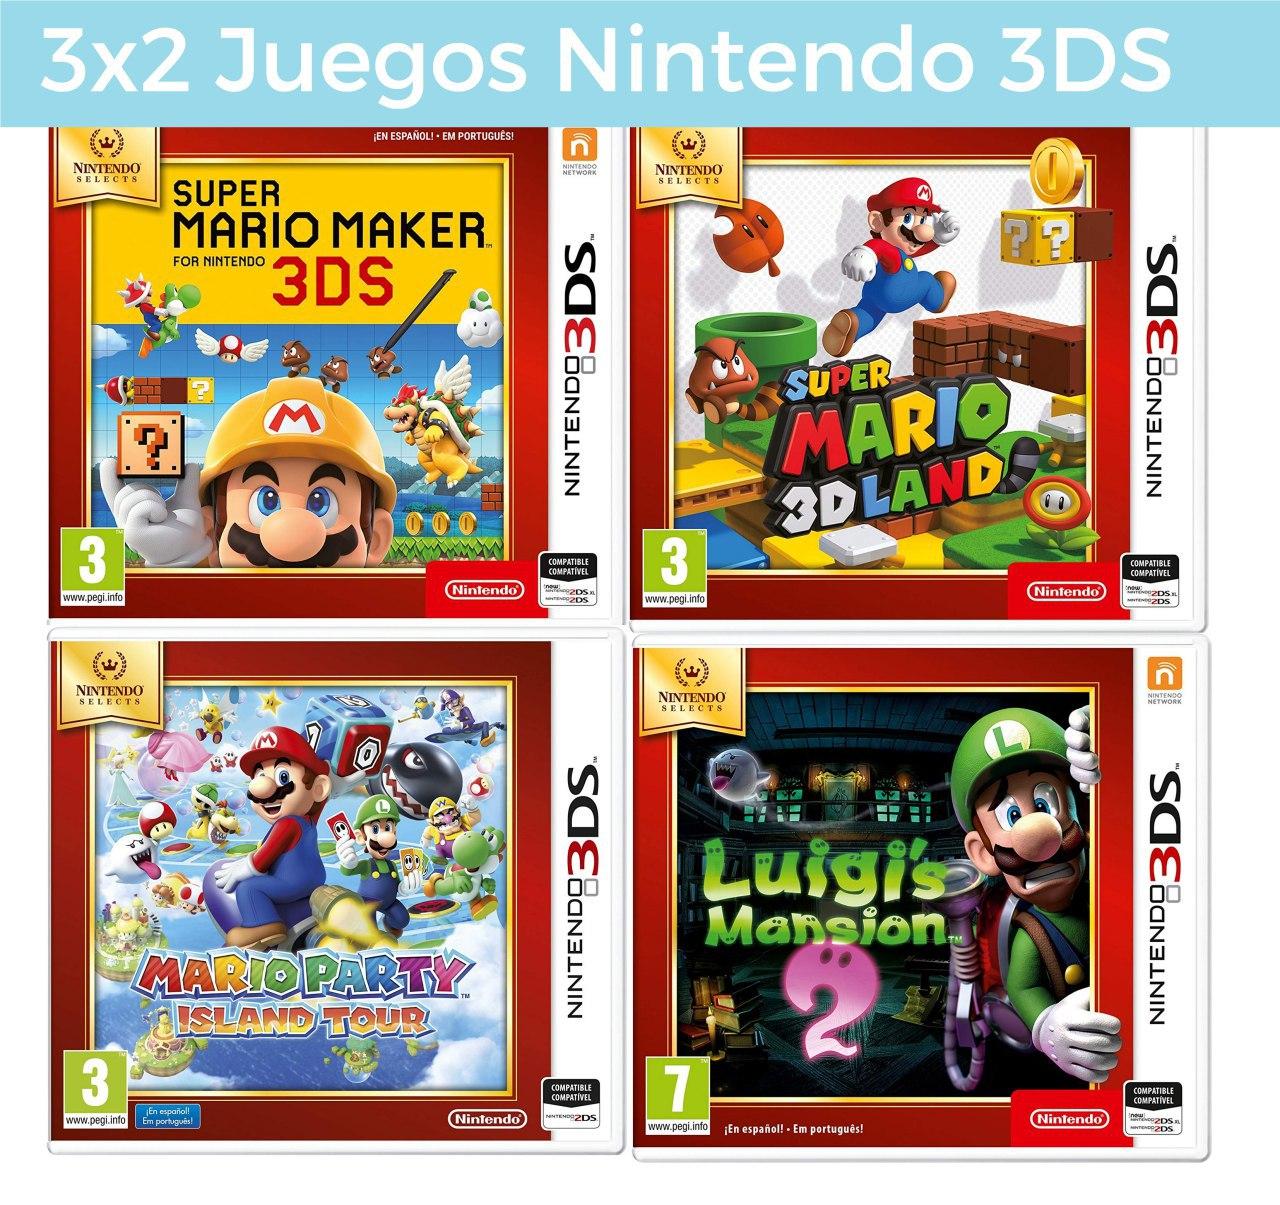 [PRIME DAY] 3x2 en juegos de Nintendo 3DS Selects